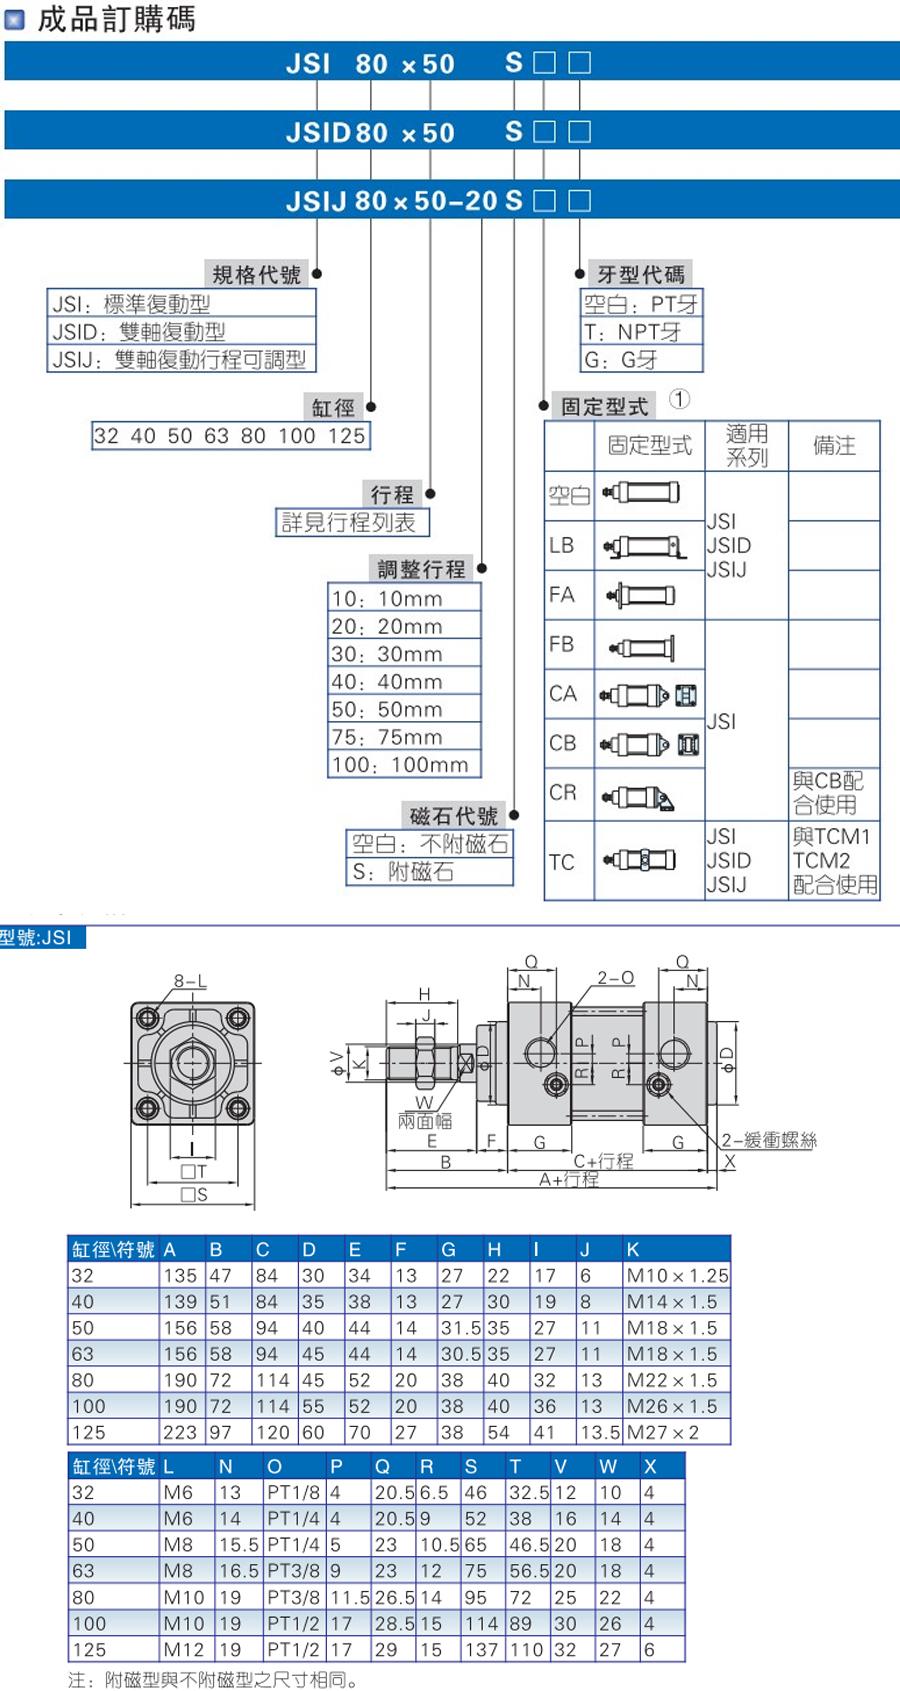 亚德客标准气缸JSIJSI50X175T 参数说明